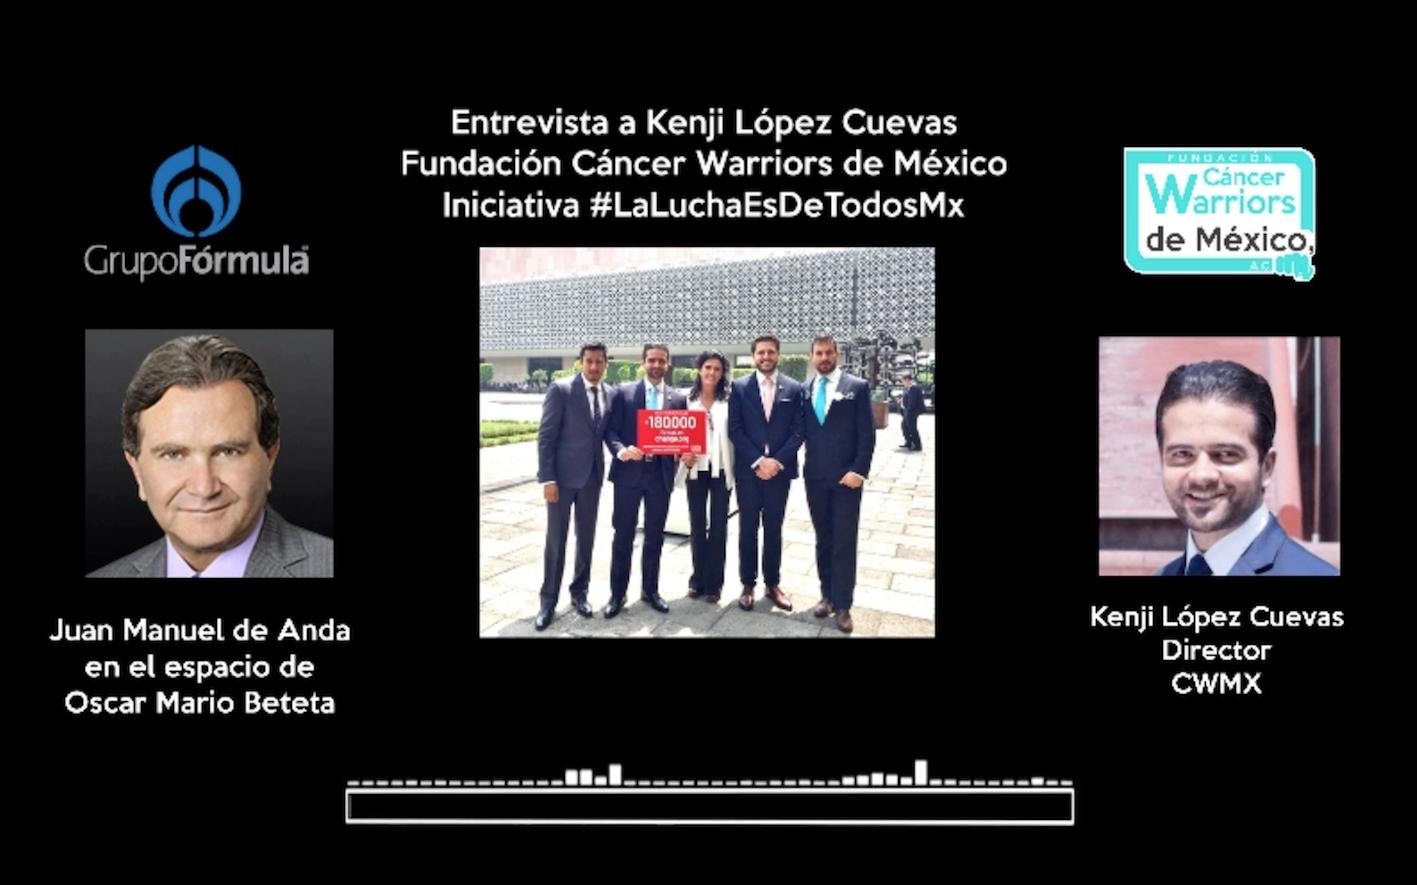 Entrevista Radio Formula Cáncer Warriors de México